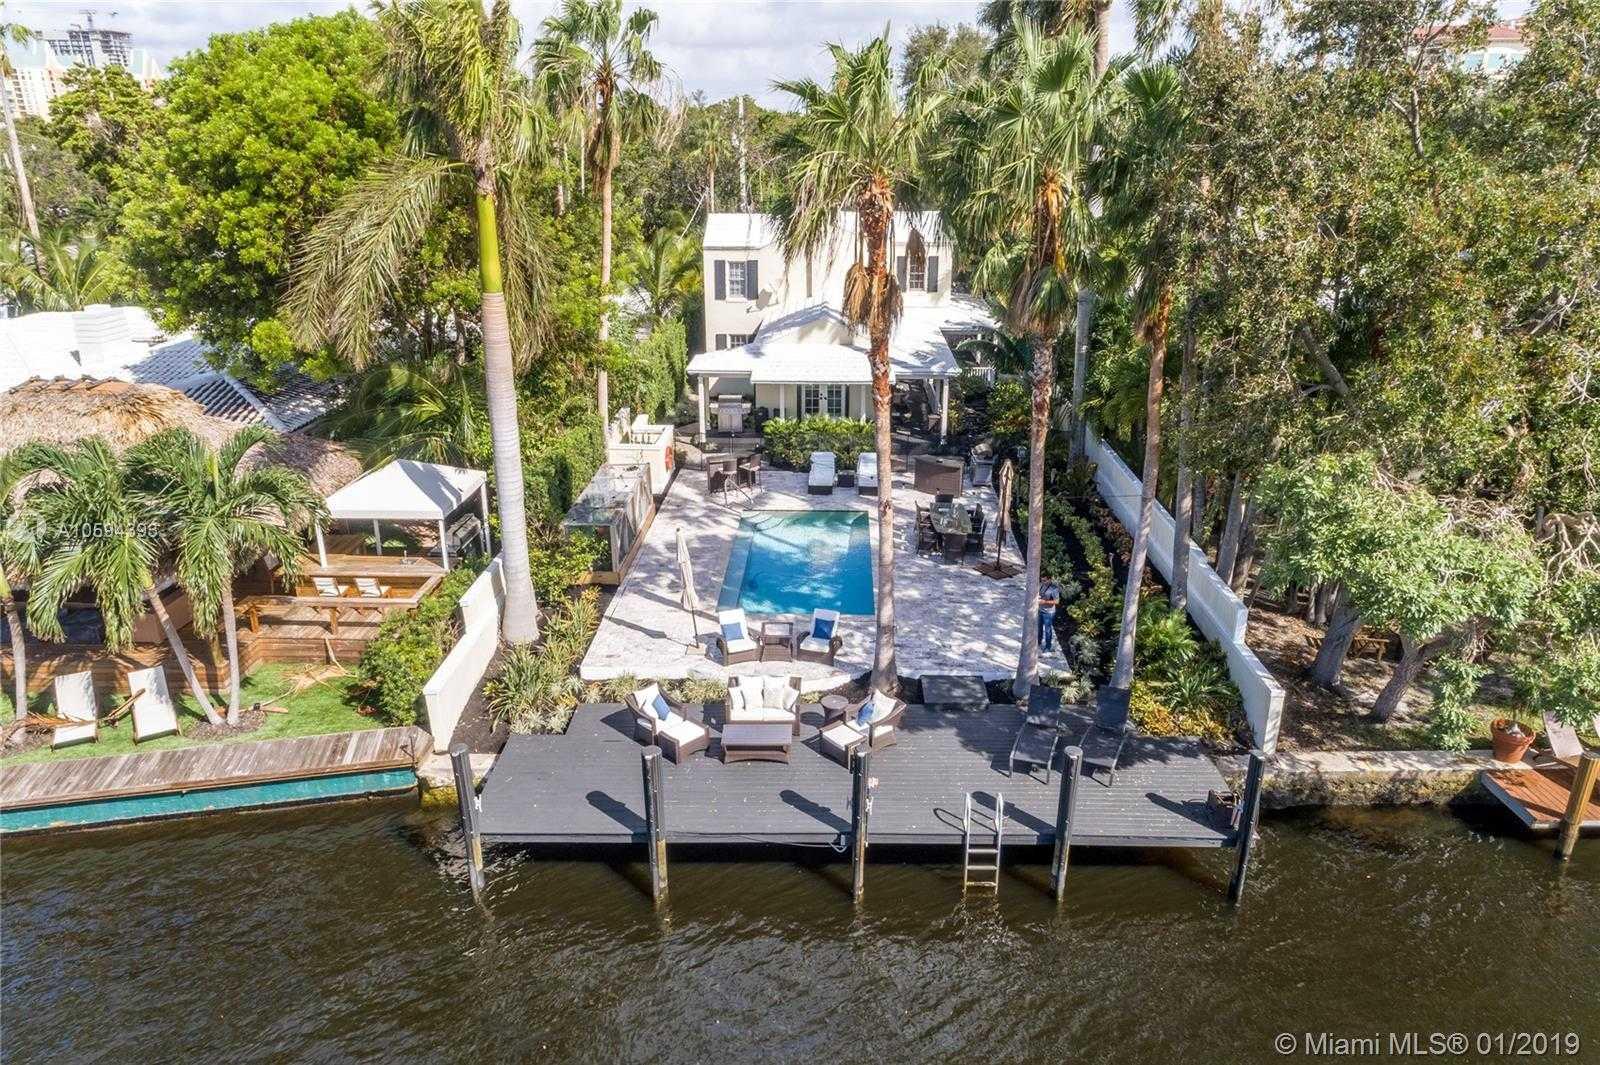 $2,395,000 - 4Br/4Ba -  for Sale in Colee Hammock, Fort Lauderdale